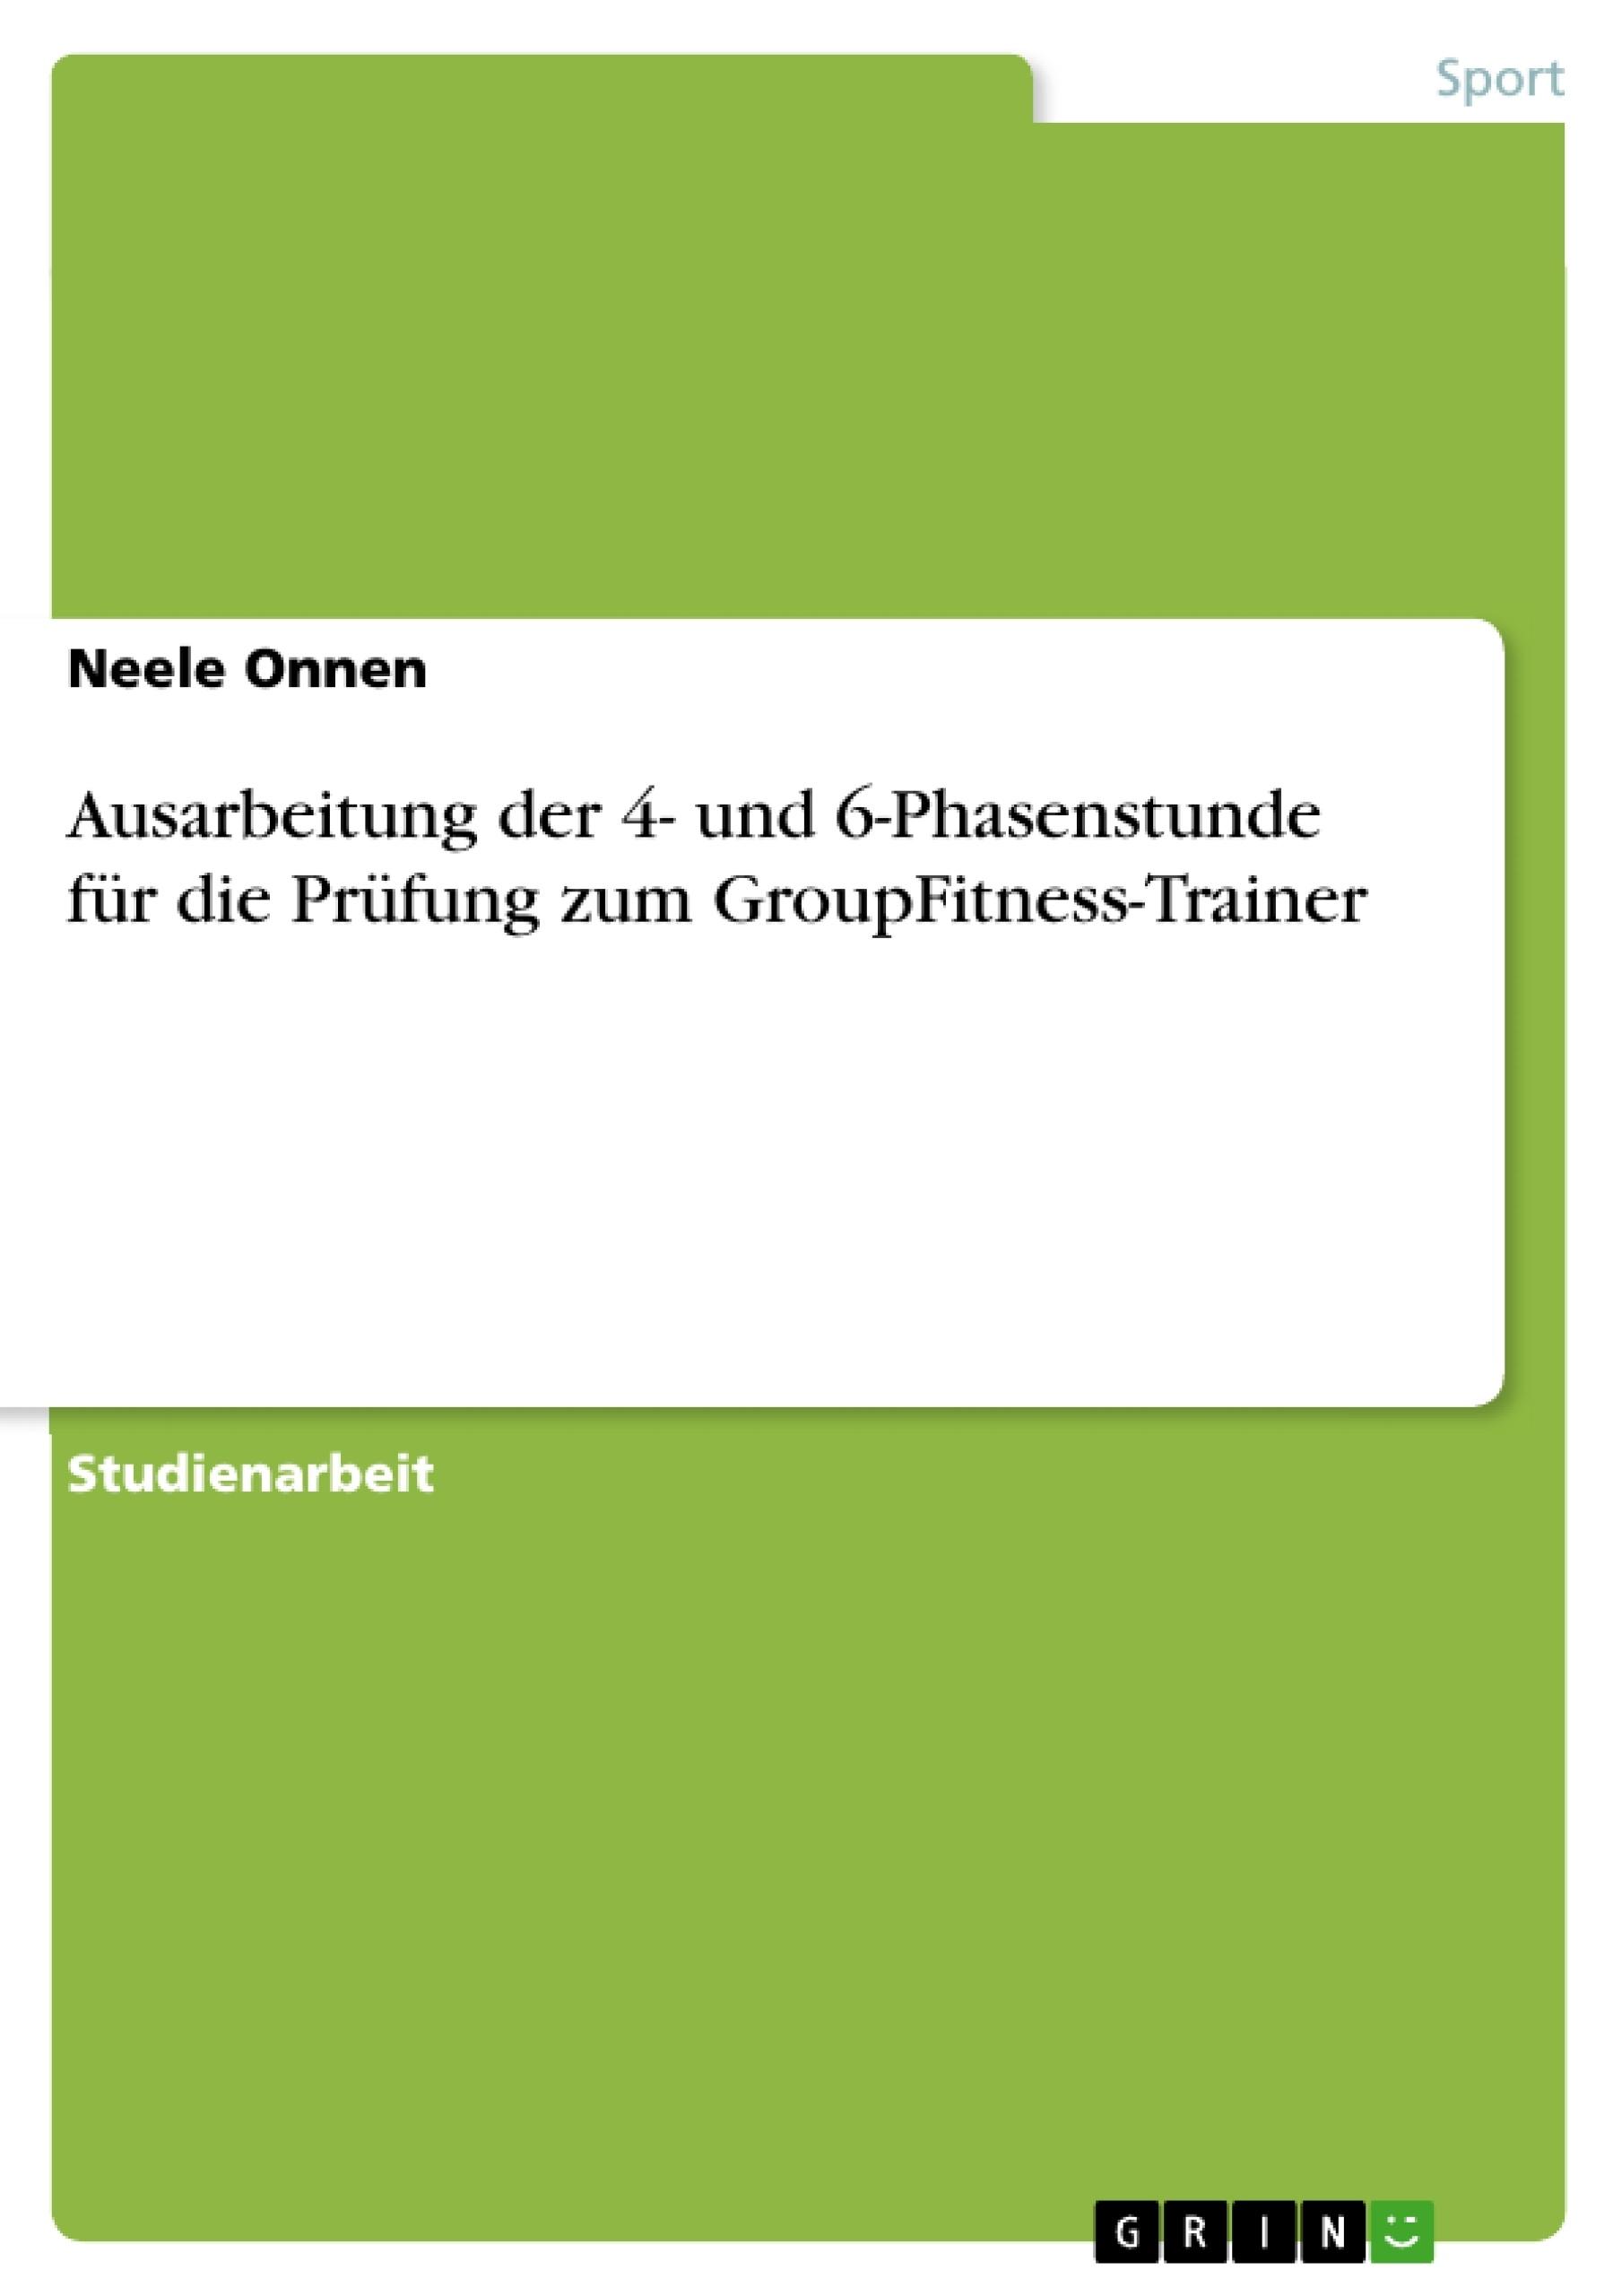 Titel: Ausarbeitung der 4- und 6-Phasenstunde für die Prüfung zum GroupFitness-Trainer